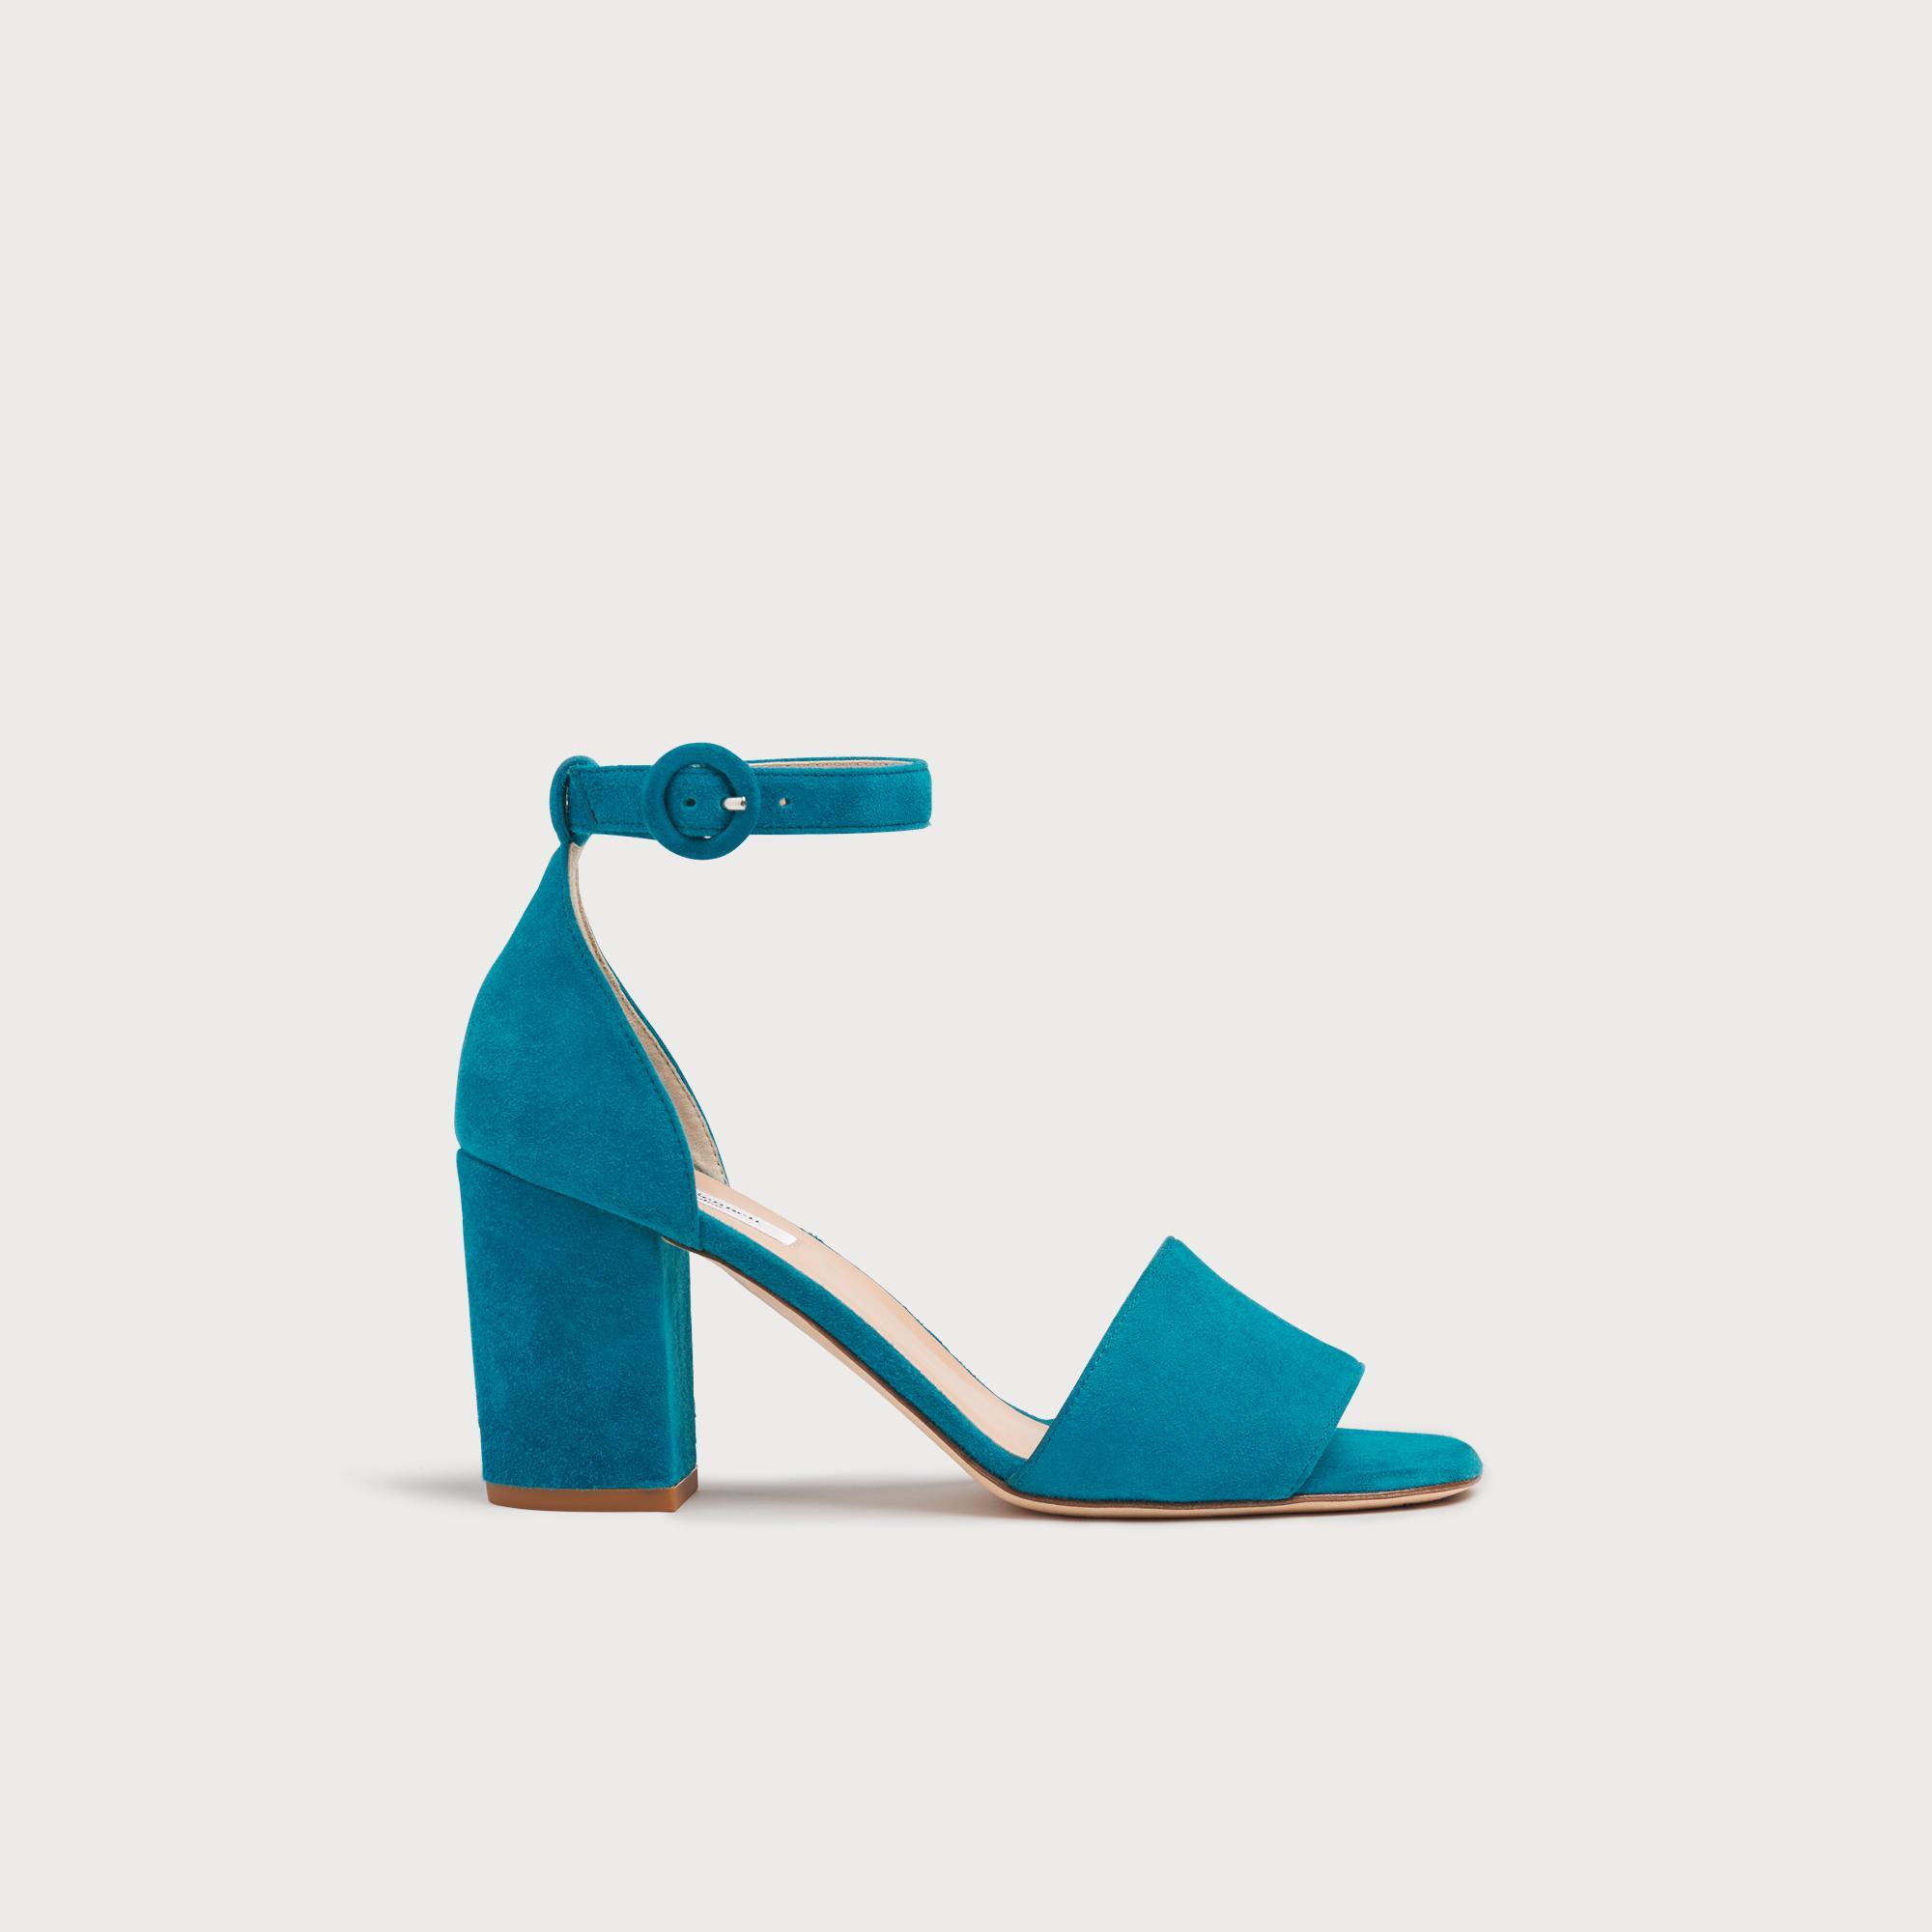 cff9c749021 Hester Turquoise Suede Block Heel Sandals